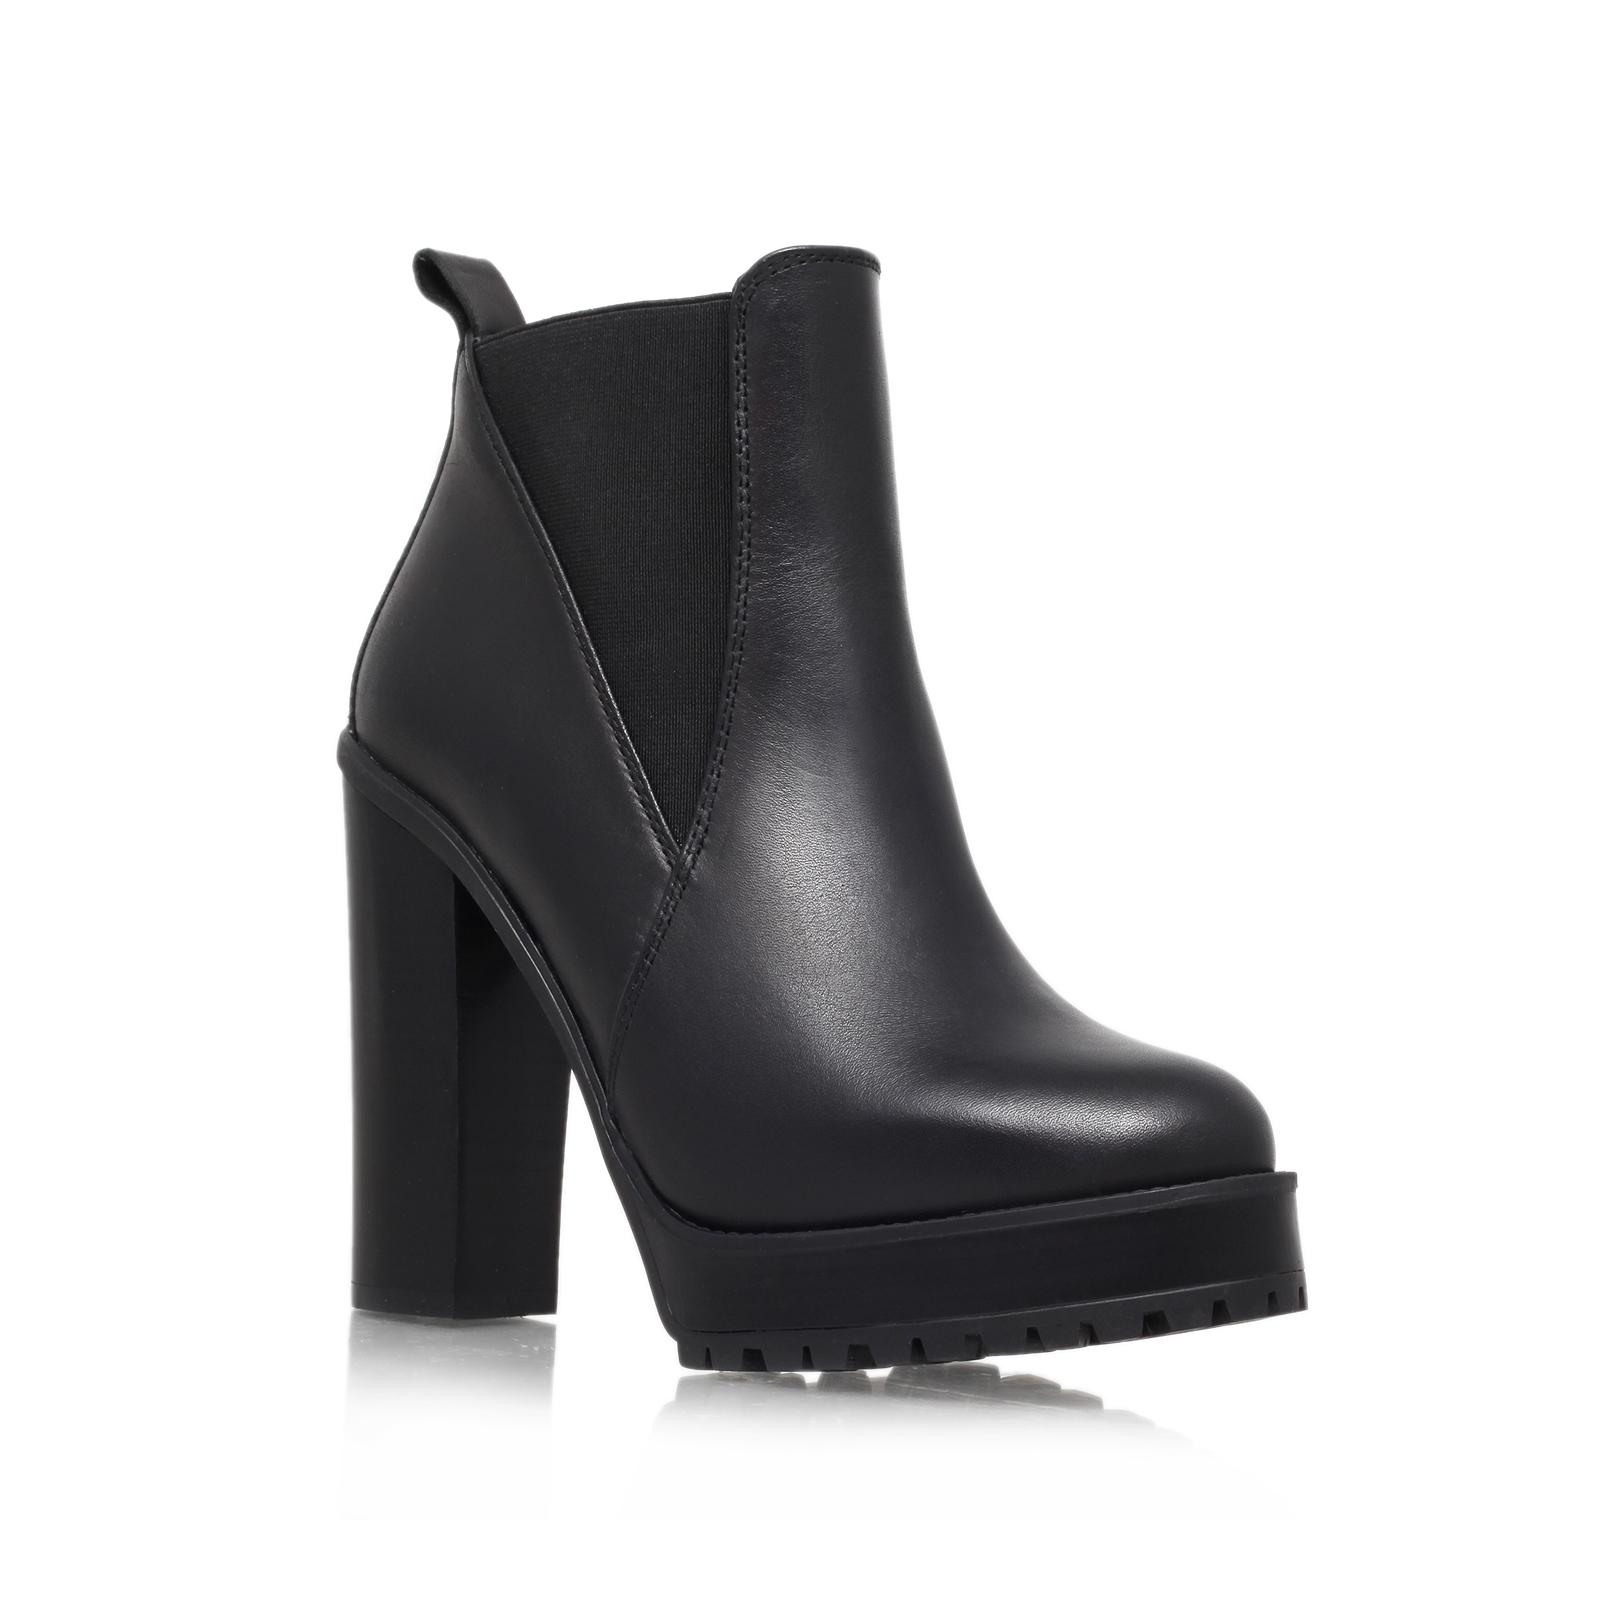 skye kg kurt geiger skye black leather high heel ankle boots by kg kurt geiger. Black Bedroom Furniture Sets. Home Design Ideas